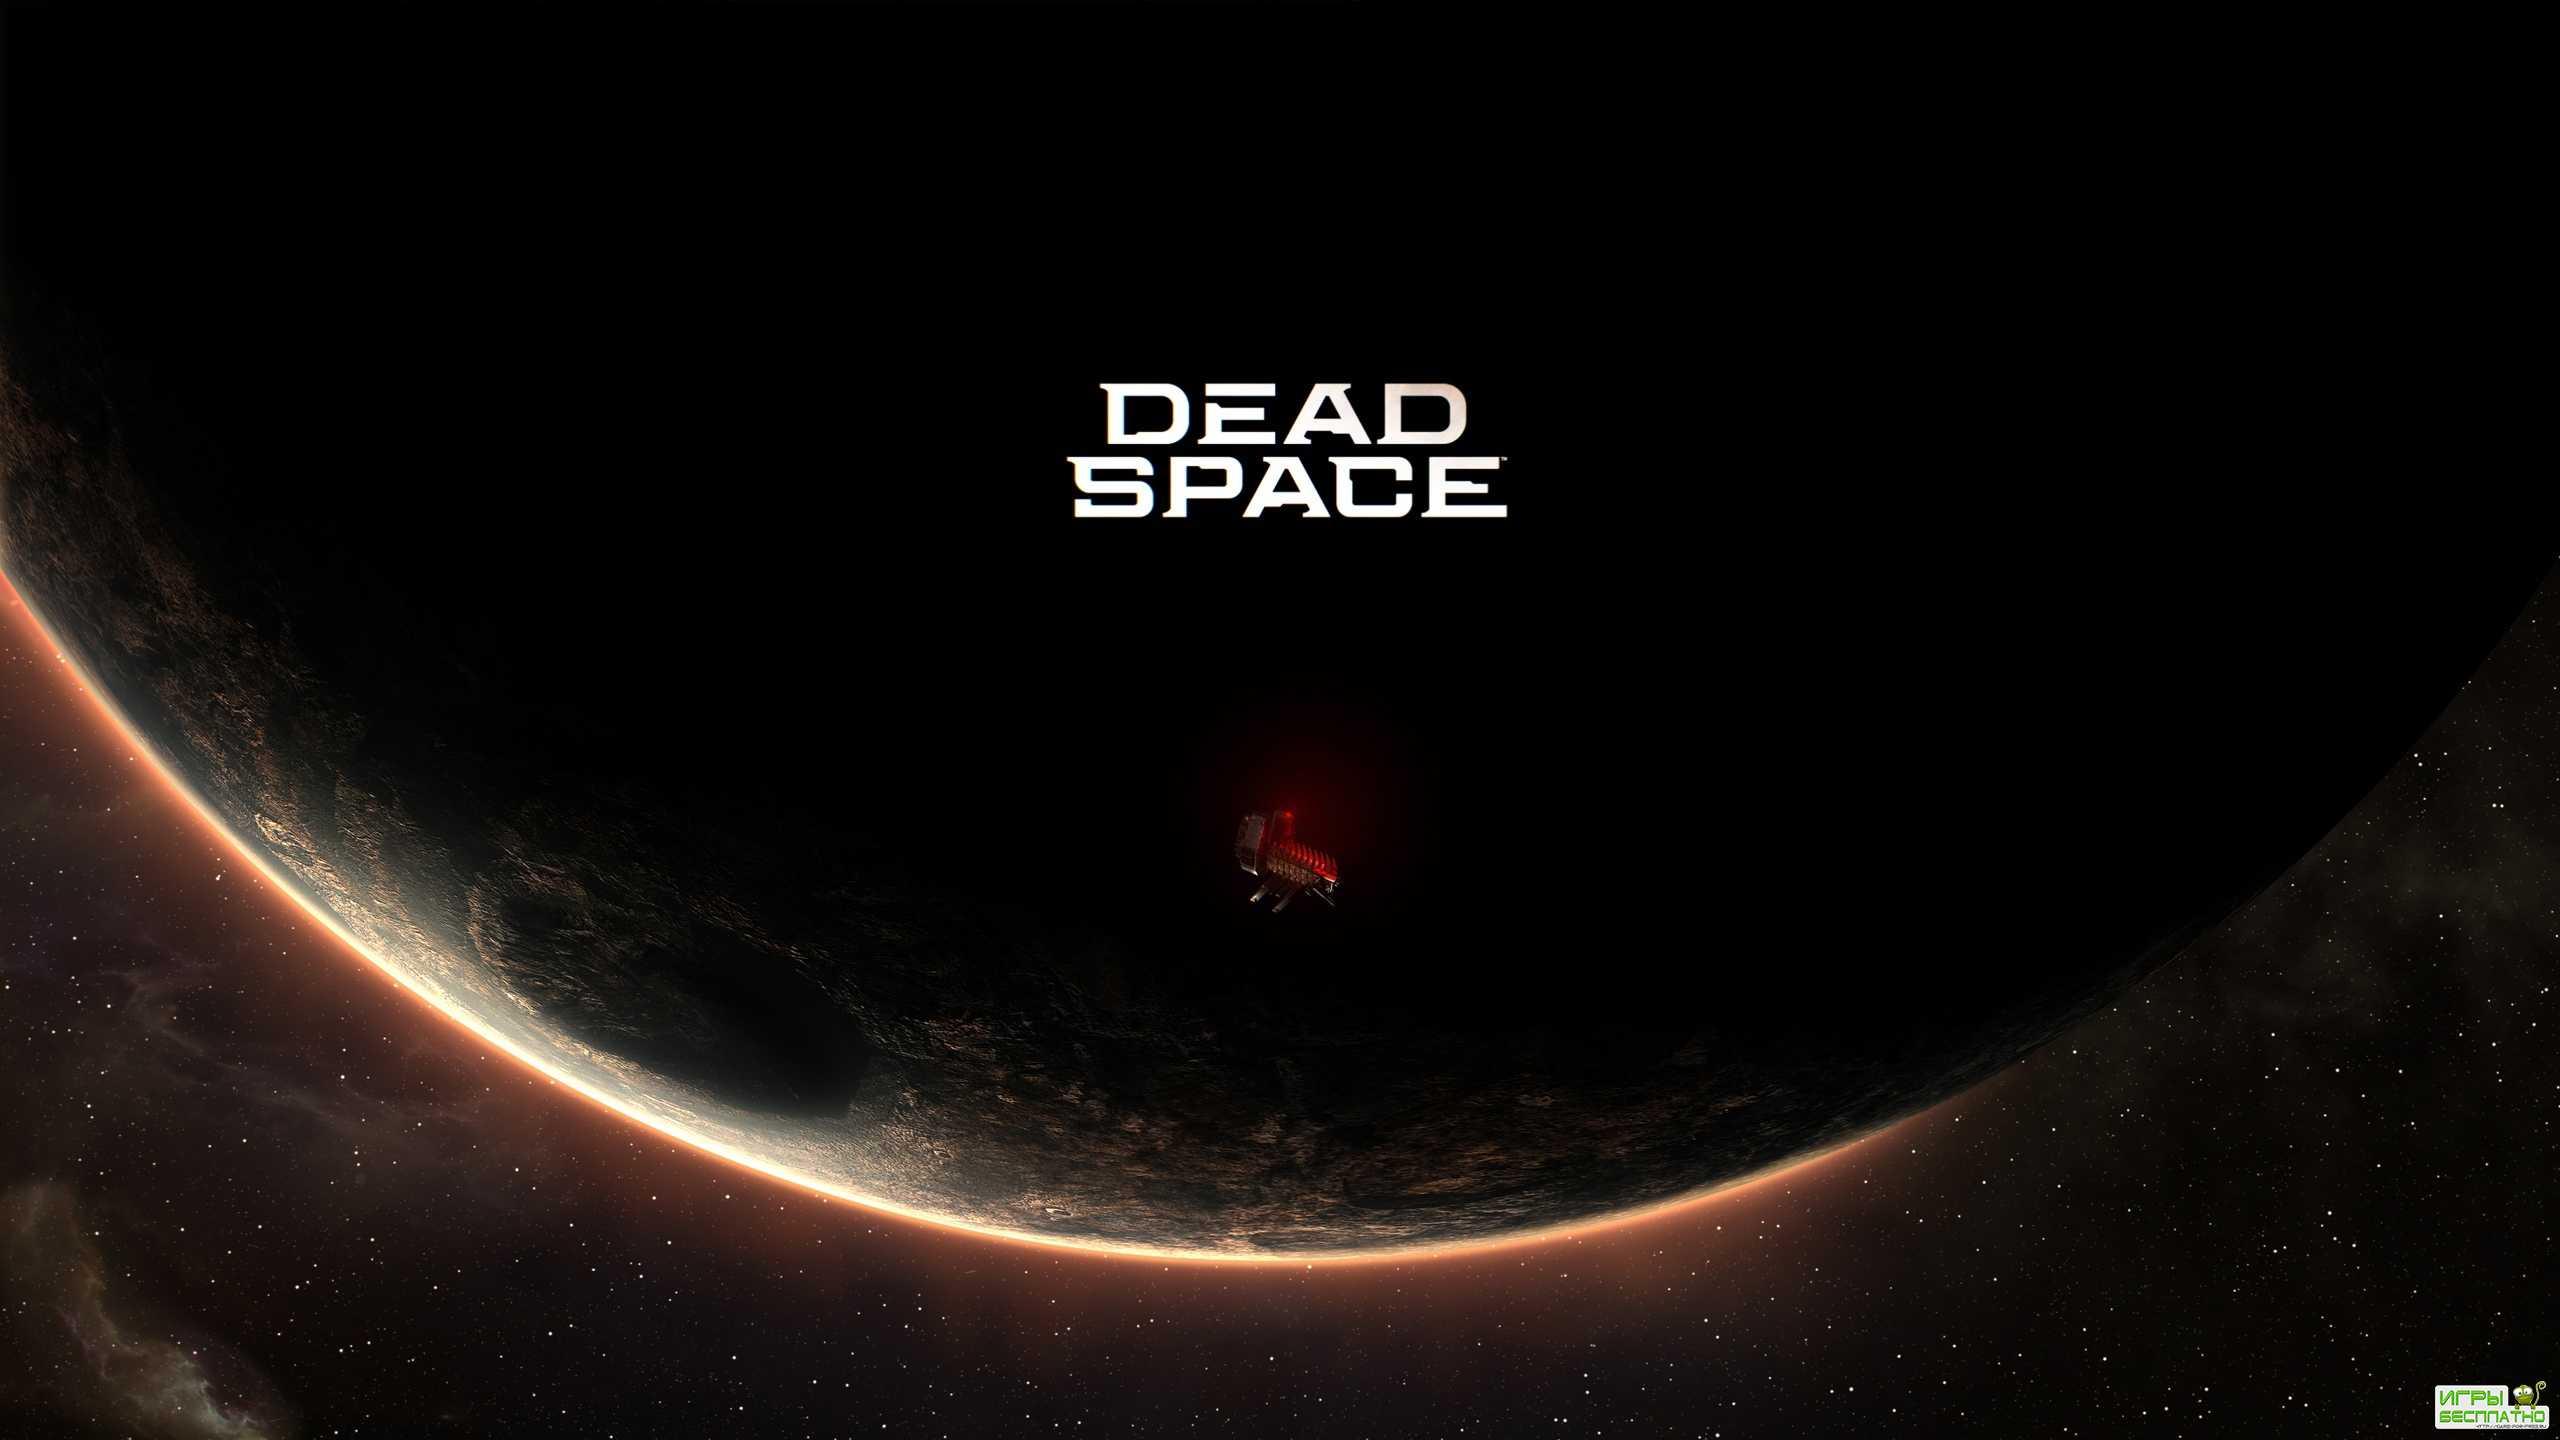 Создатель Dead Space об анонсированном ремейке: «Я рад наблюдать за тем, что с игрой делает команда EA Motive»